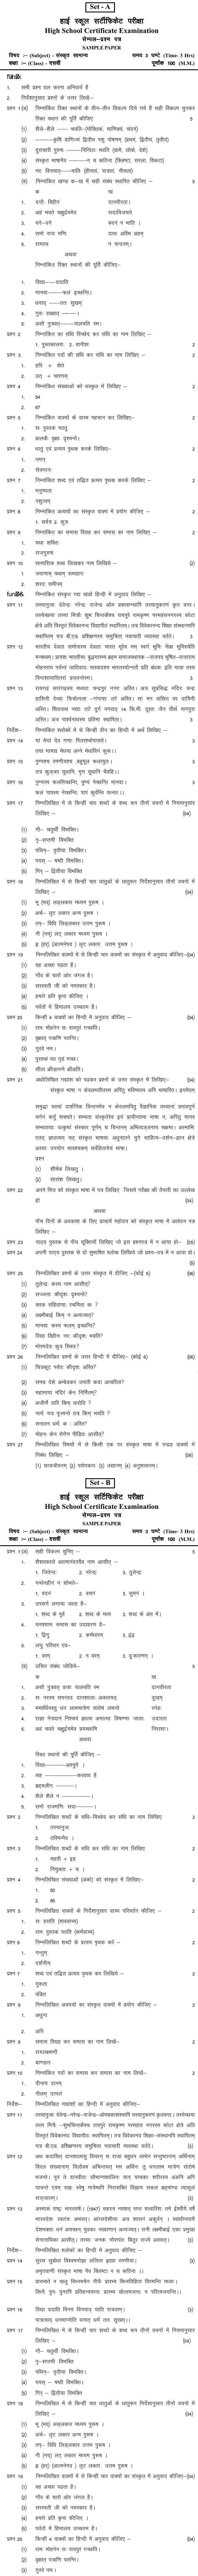 Chattisgarh Board Class 10 Sanskrit Sample Paper